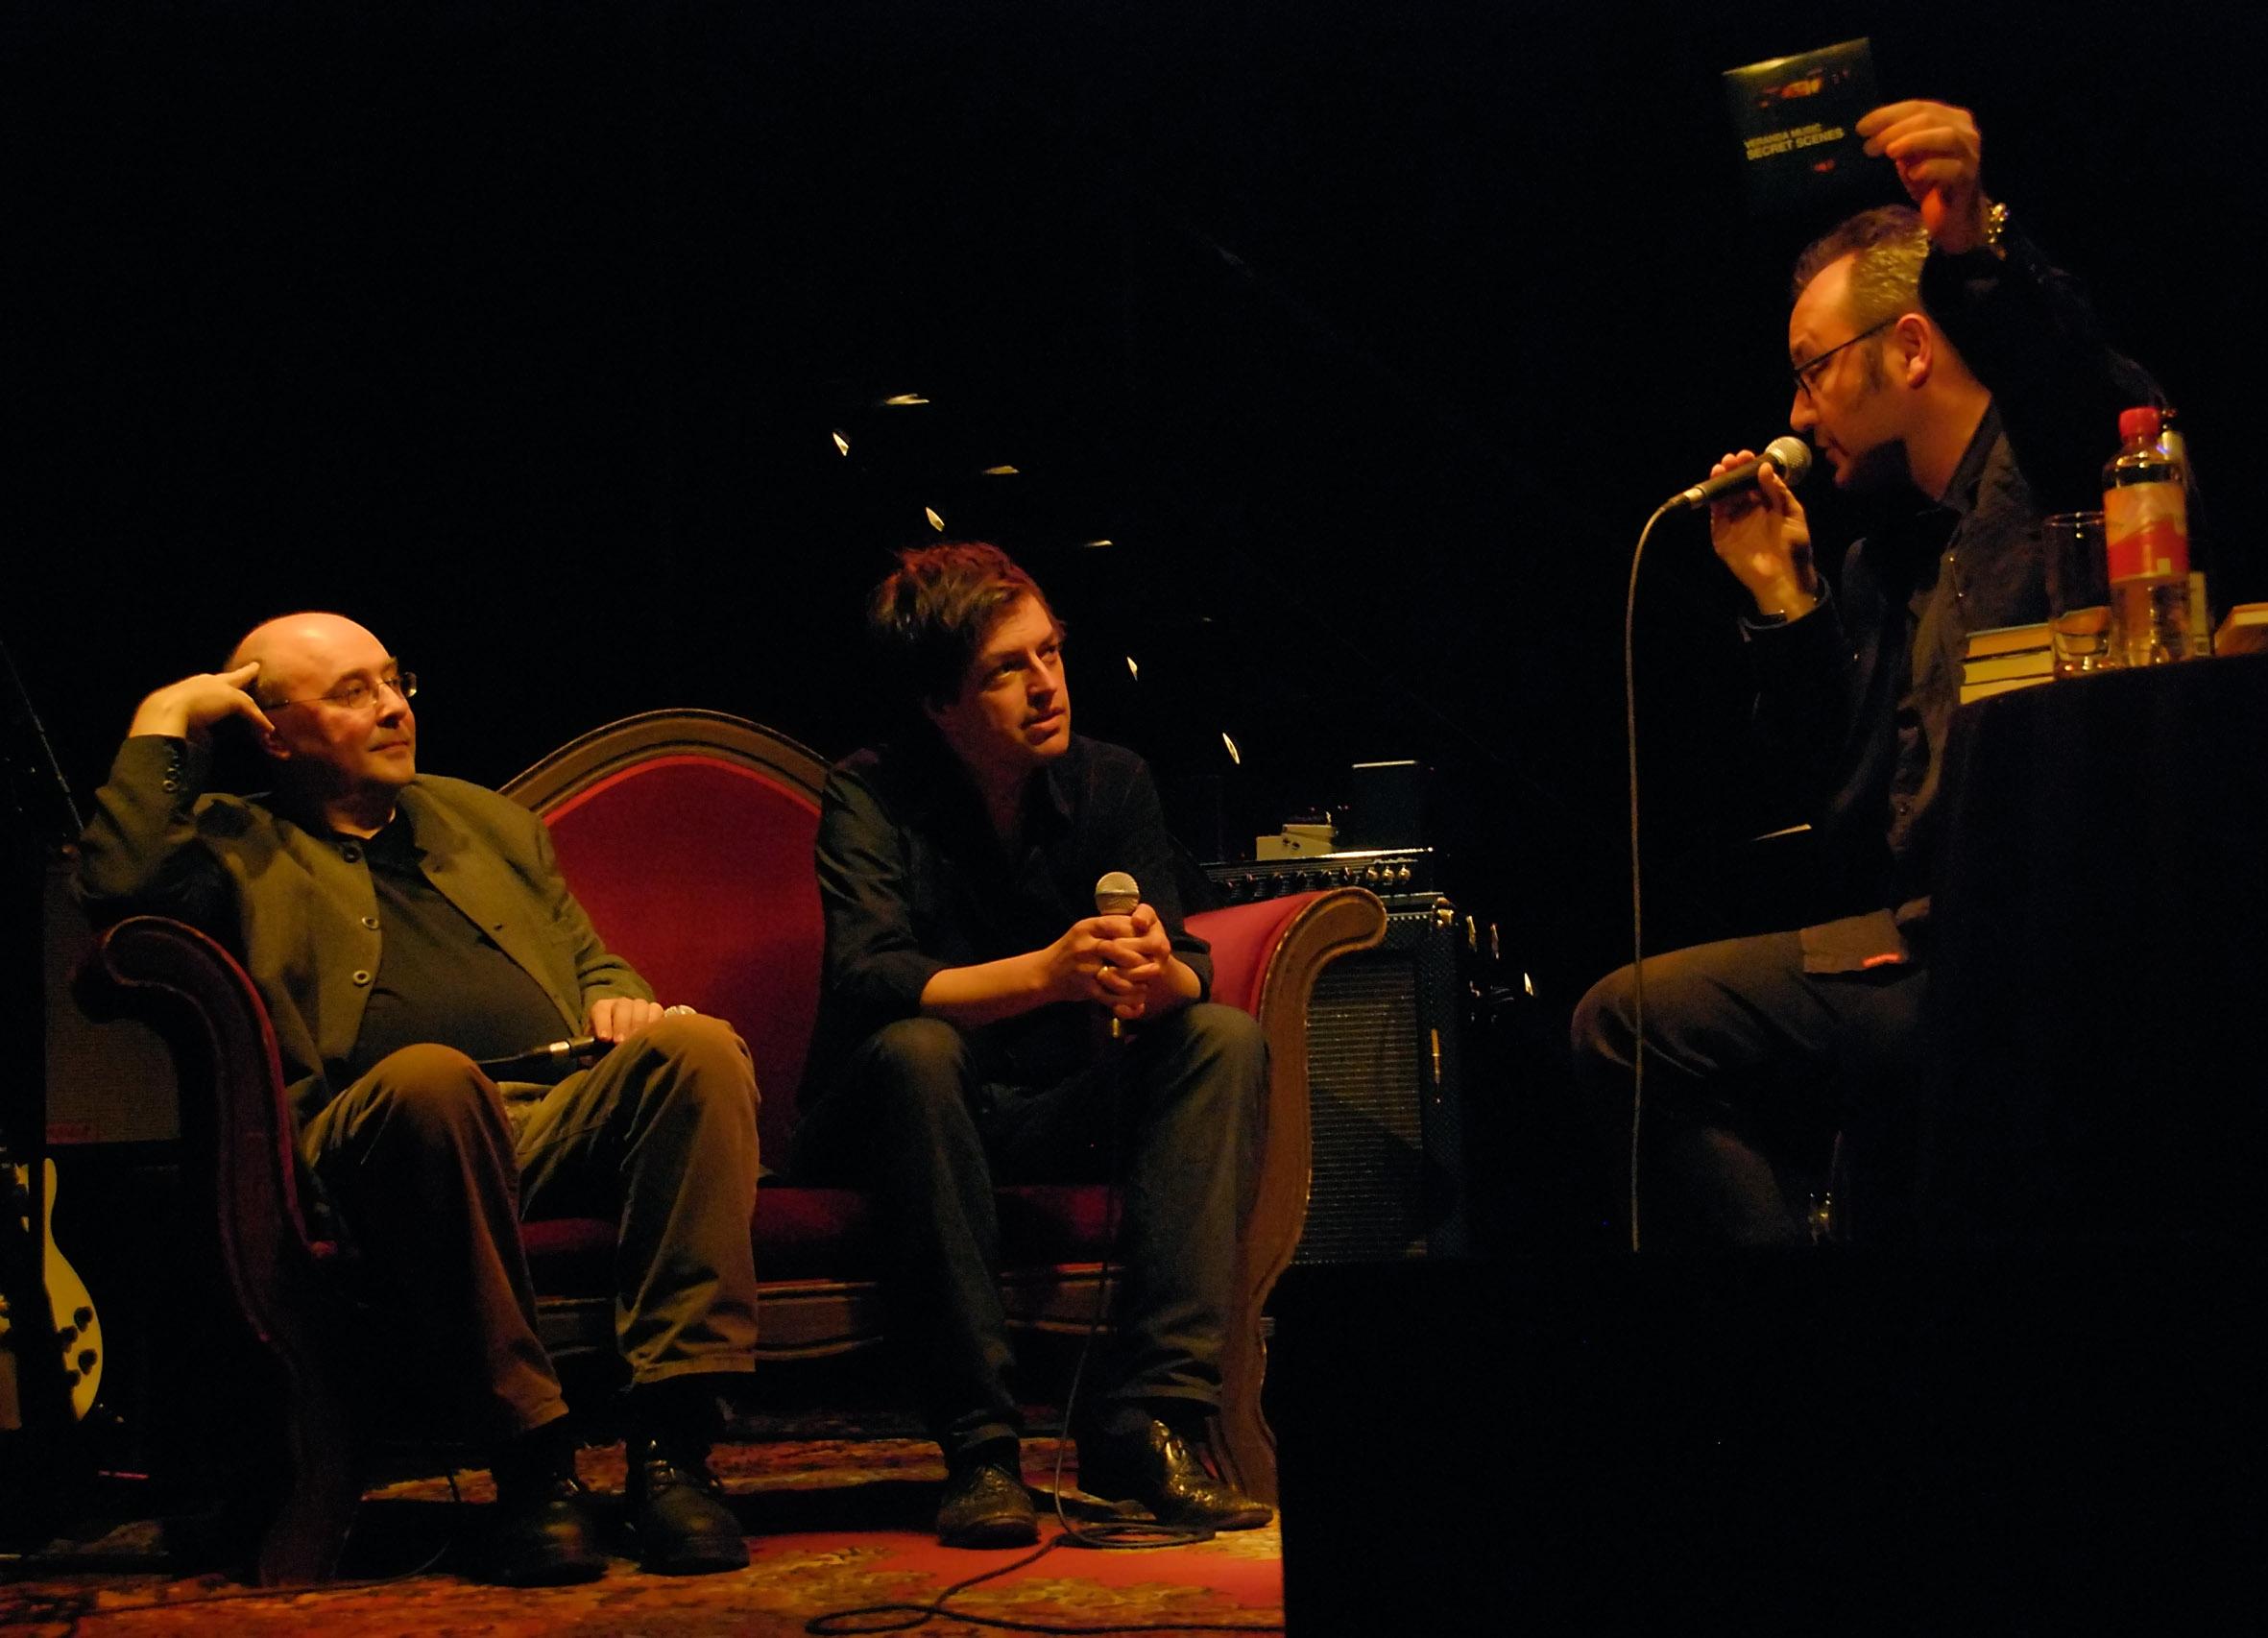 Veranda Music Schöner Abend Show Roger Barz und Stefan Maelck Halle